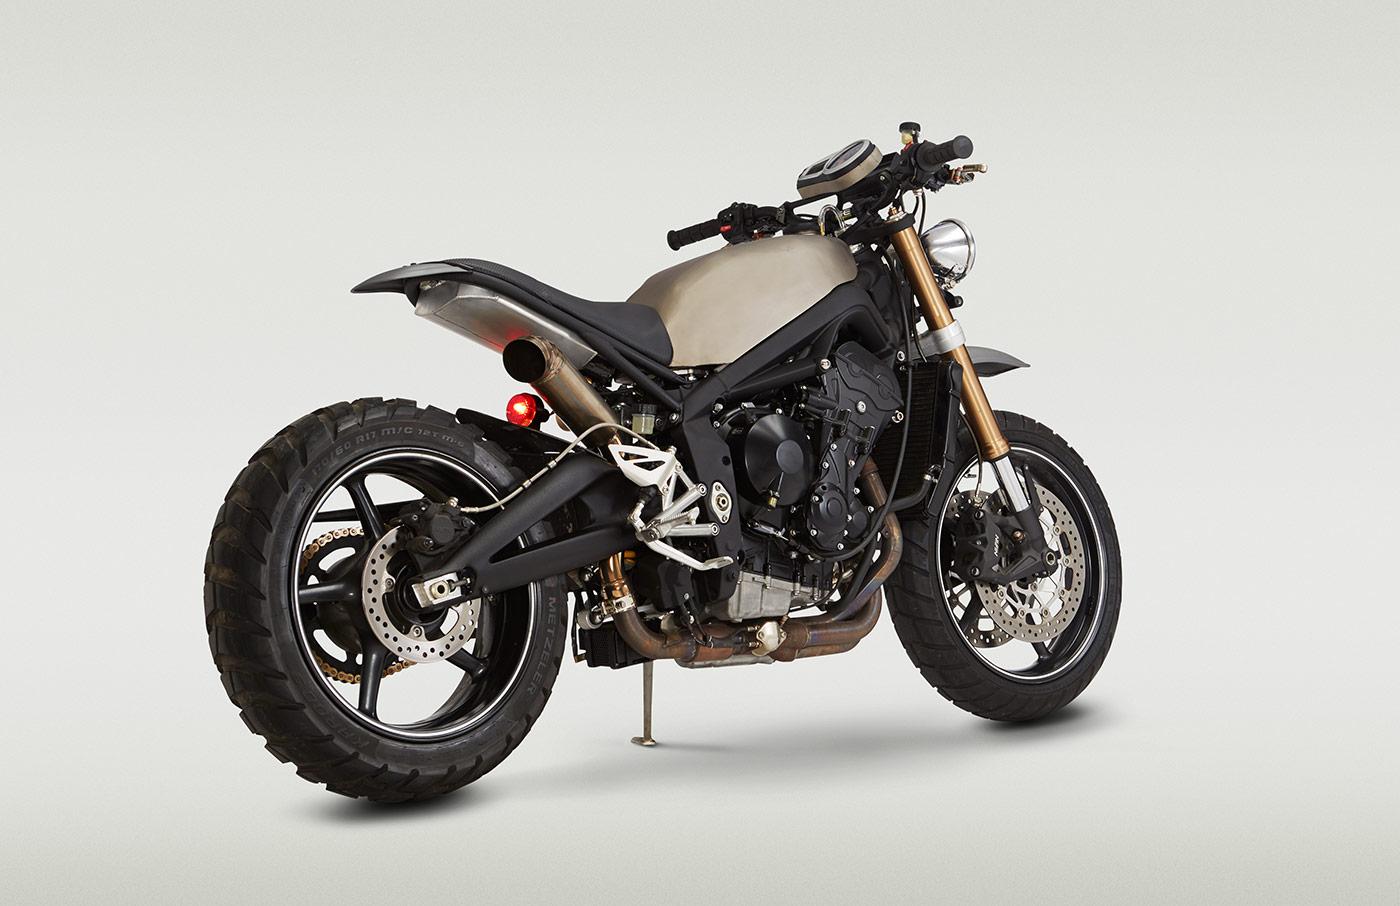 Auxiliary Motorcycle Fuel Tank Doomsdaytona - Classified Moto